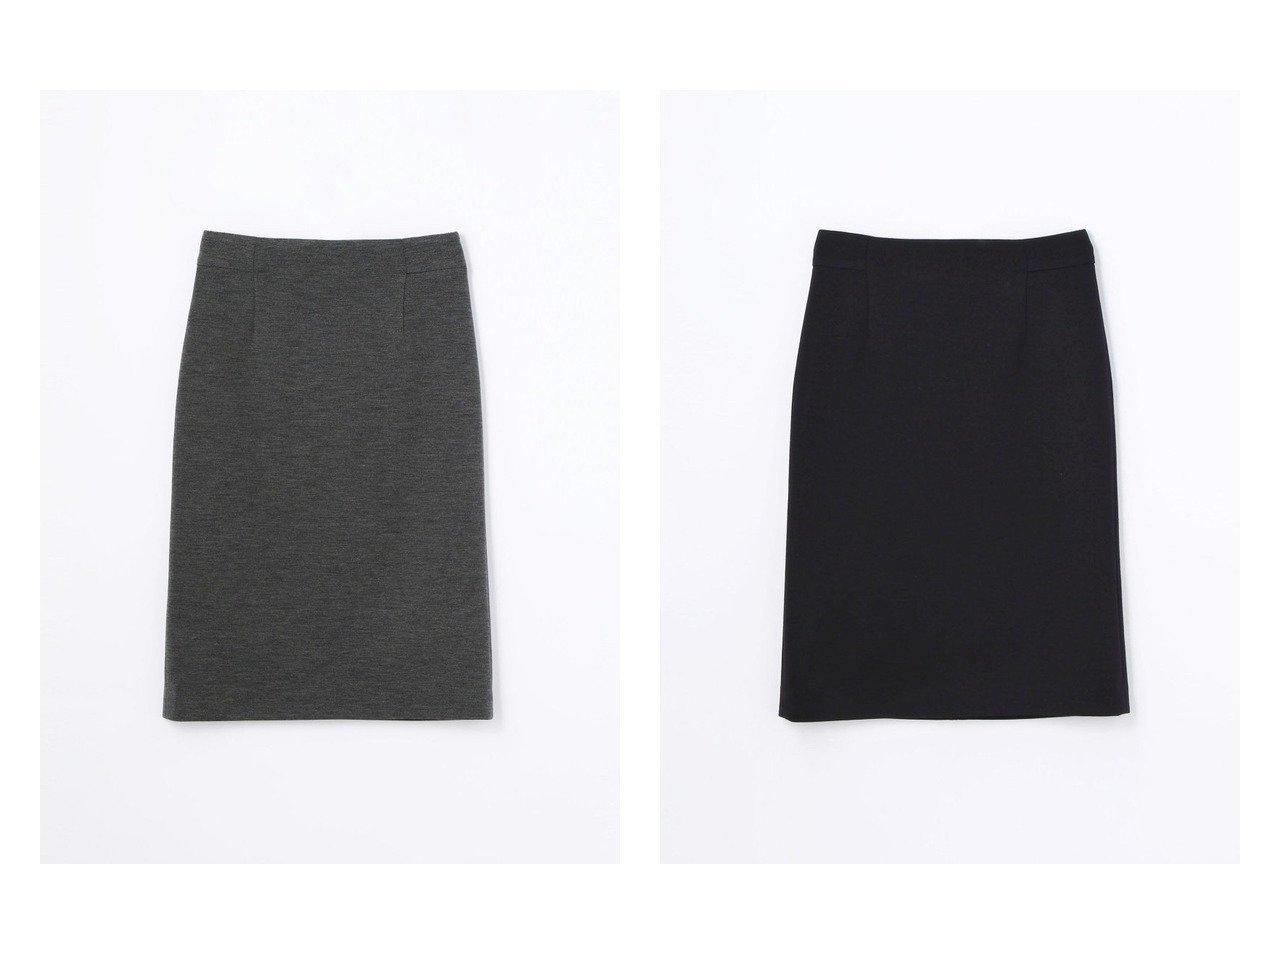 【TOMORROWLAND BALLSEY/トゥモローランド ボールジー】のウールナイロン タイトスカート スカートのおすすめ!人気、トレンド・レディースファッションの通販 おすすめで人気の流行・トレンド、ファッションの通販商品 メンズファッション・キッズファッション・インテリア・家具・レディースファッション・服の通販 founy(ファニー) https://founy.com/ ファッション Fashion レディースファッション WOMEN スカート Skirt Aライン/フレアスカート Flared A-Line Skirts なめらか ジャケット セットアップ タイトスカート フレア ベーシック |ID:crp329100000013417